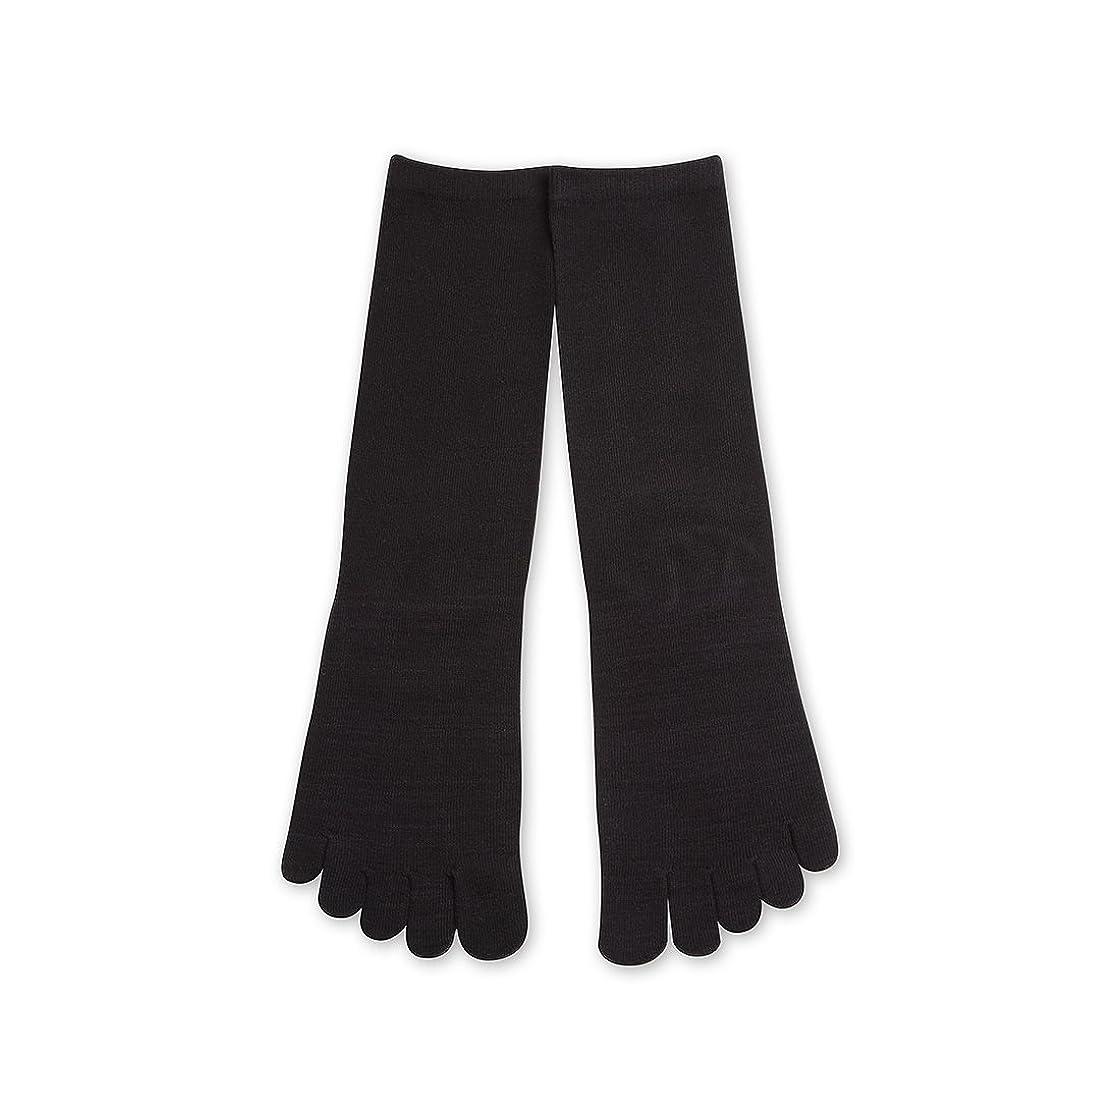 グラフィック過敏な形状Deol(デオル) 5本指 ソックス 男性用 靴下 25~27cm 黒